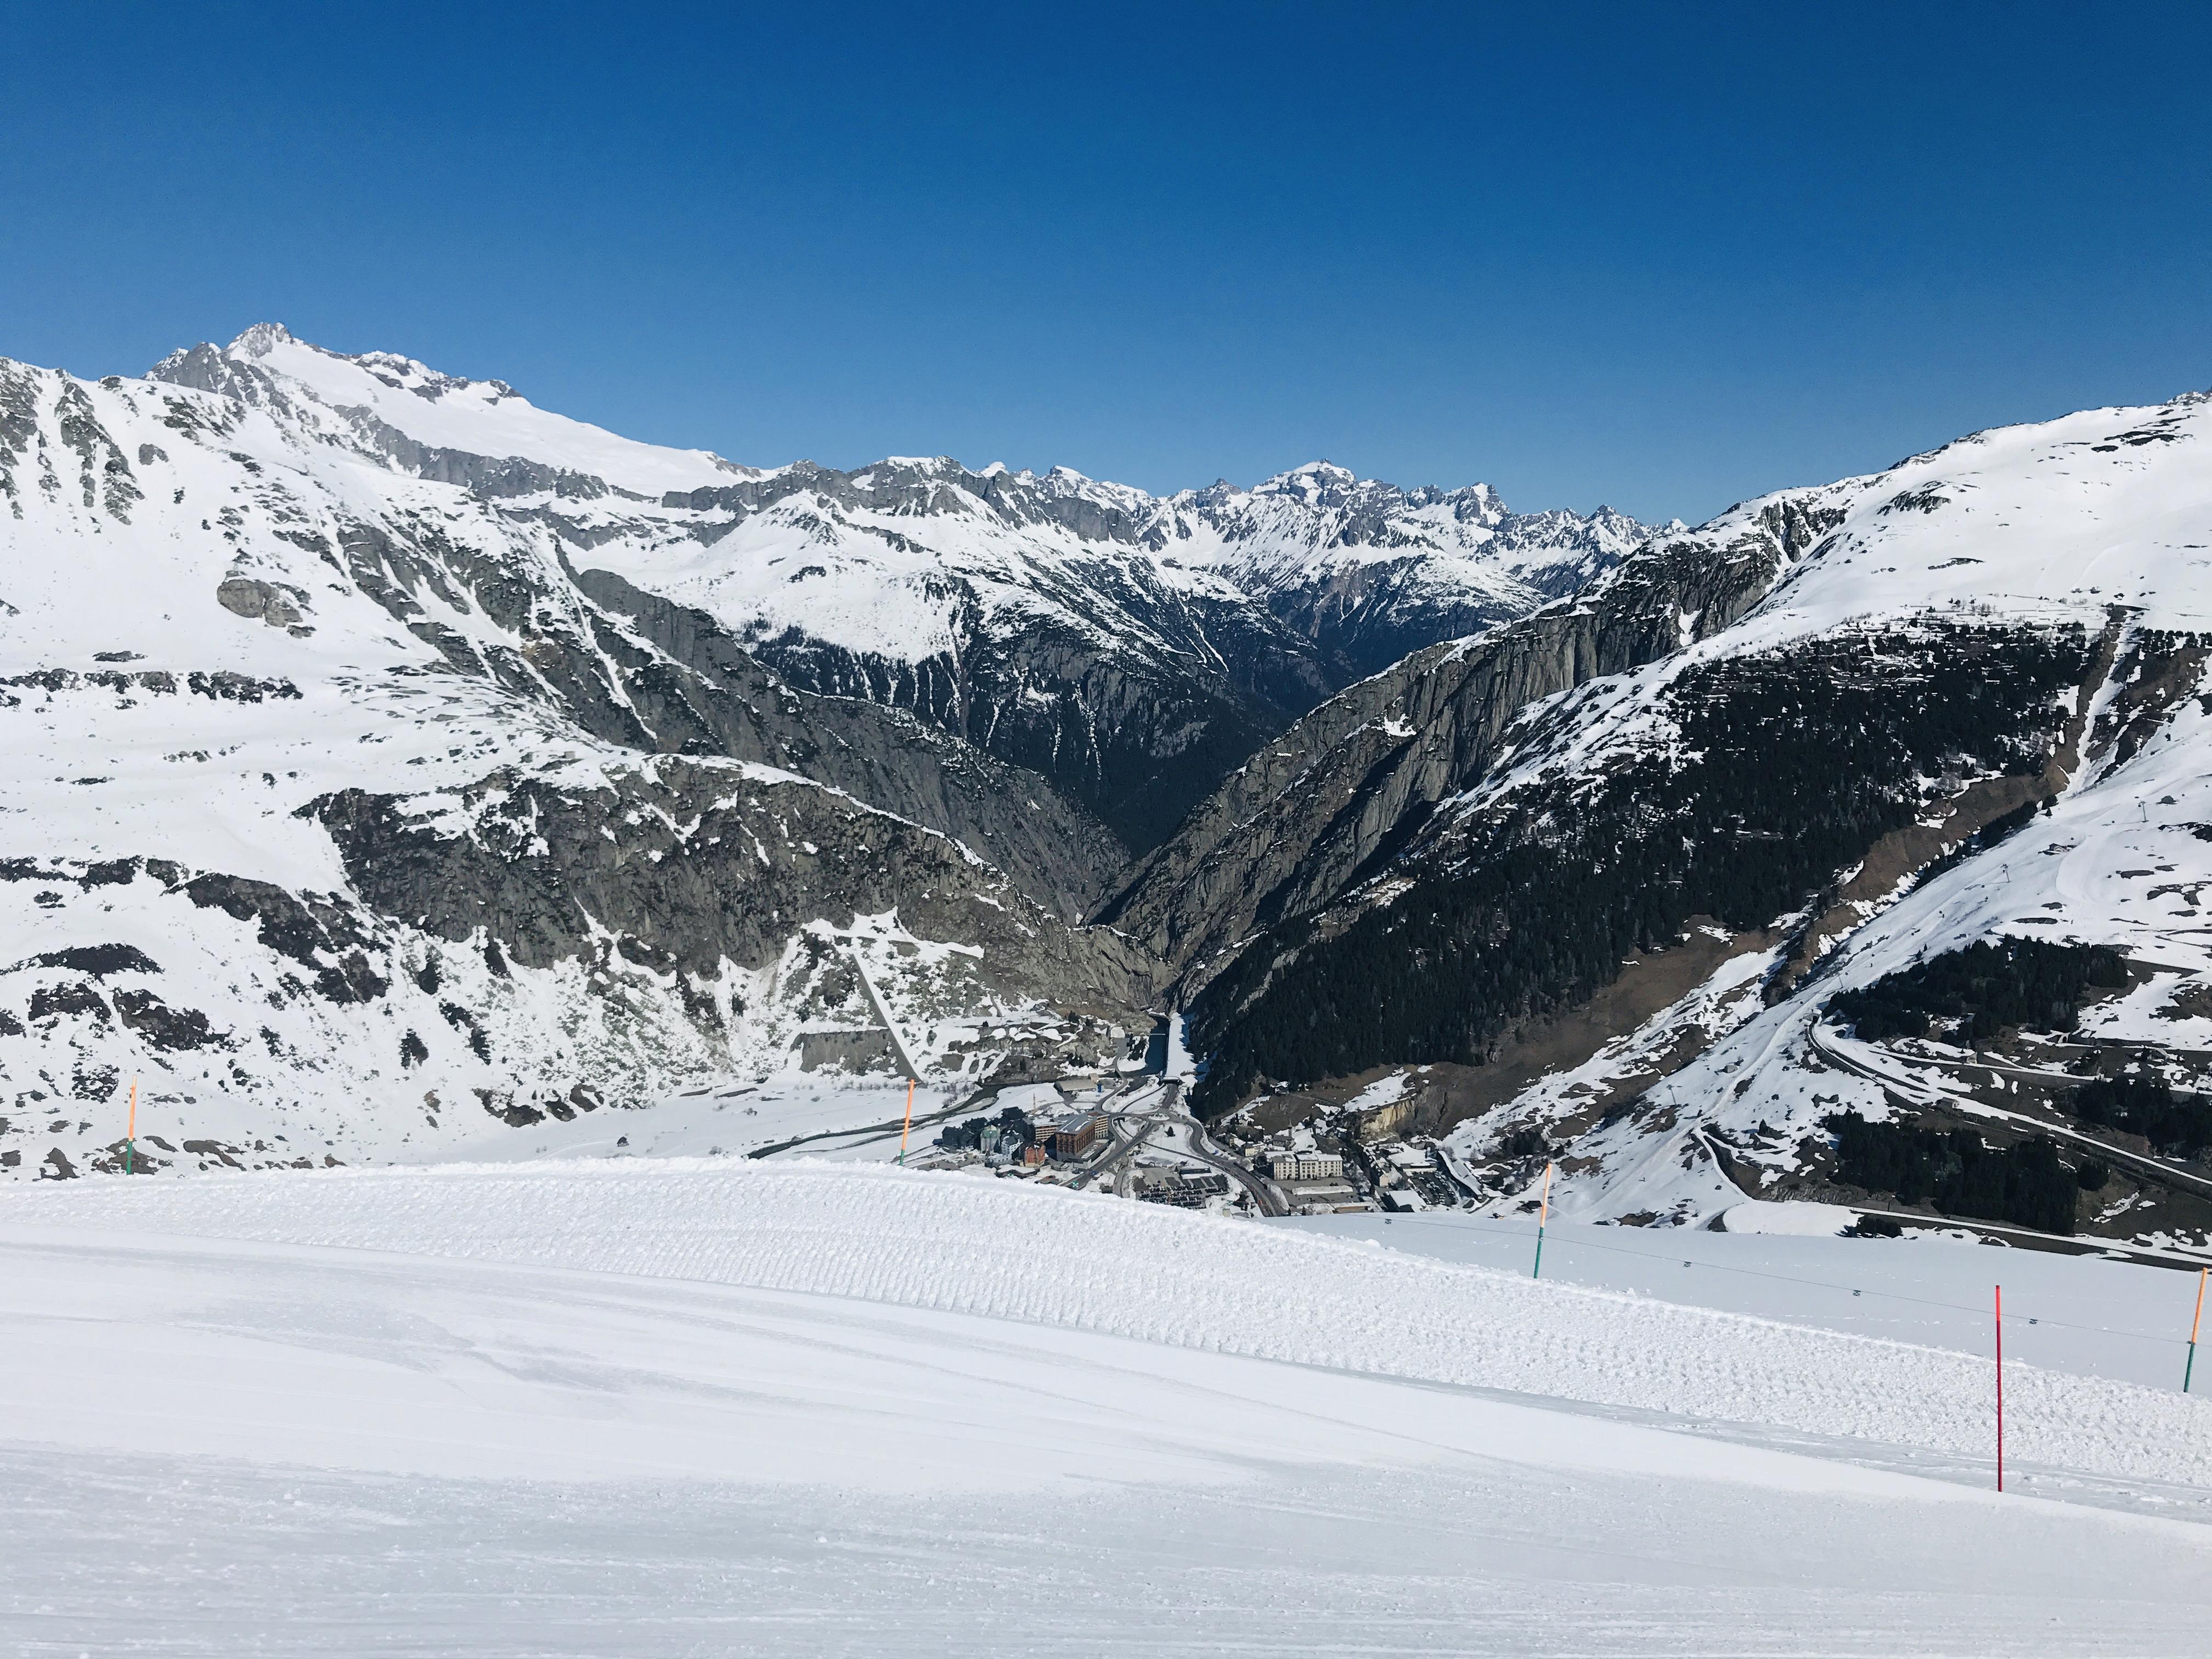 2019.03.30 - Clubrennen (alpin) - Gurschenalp